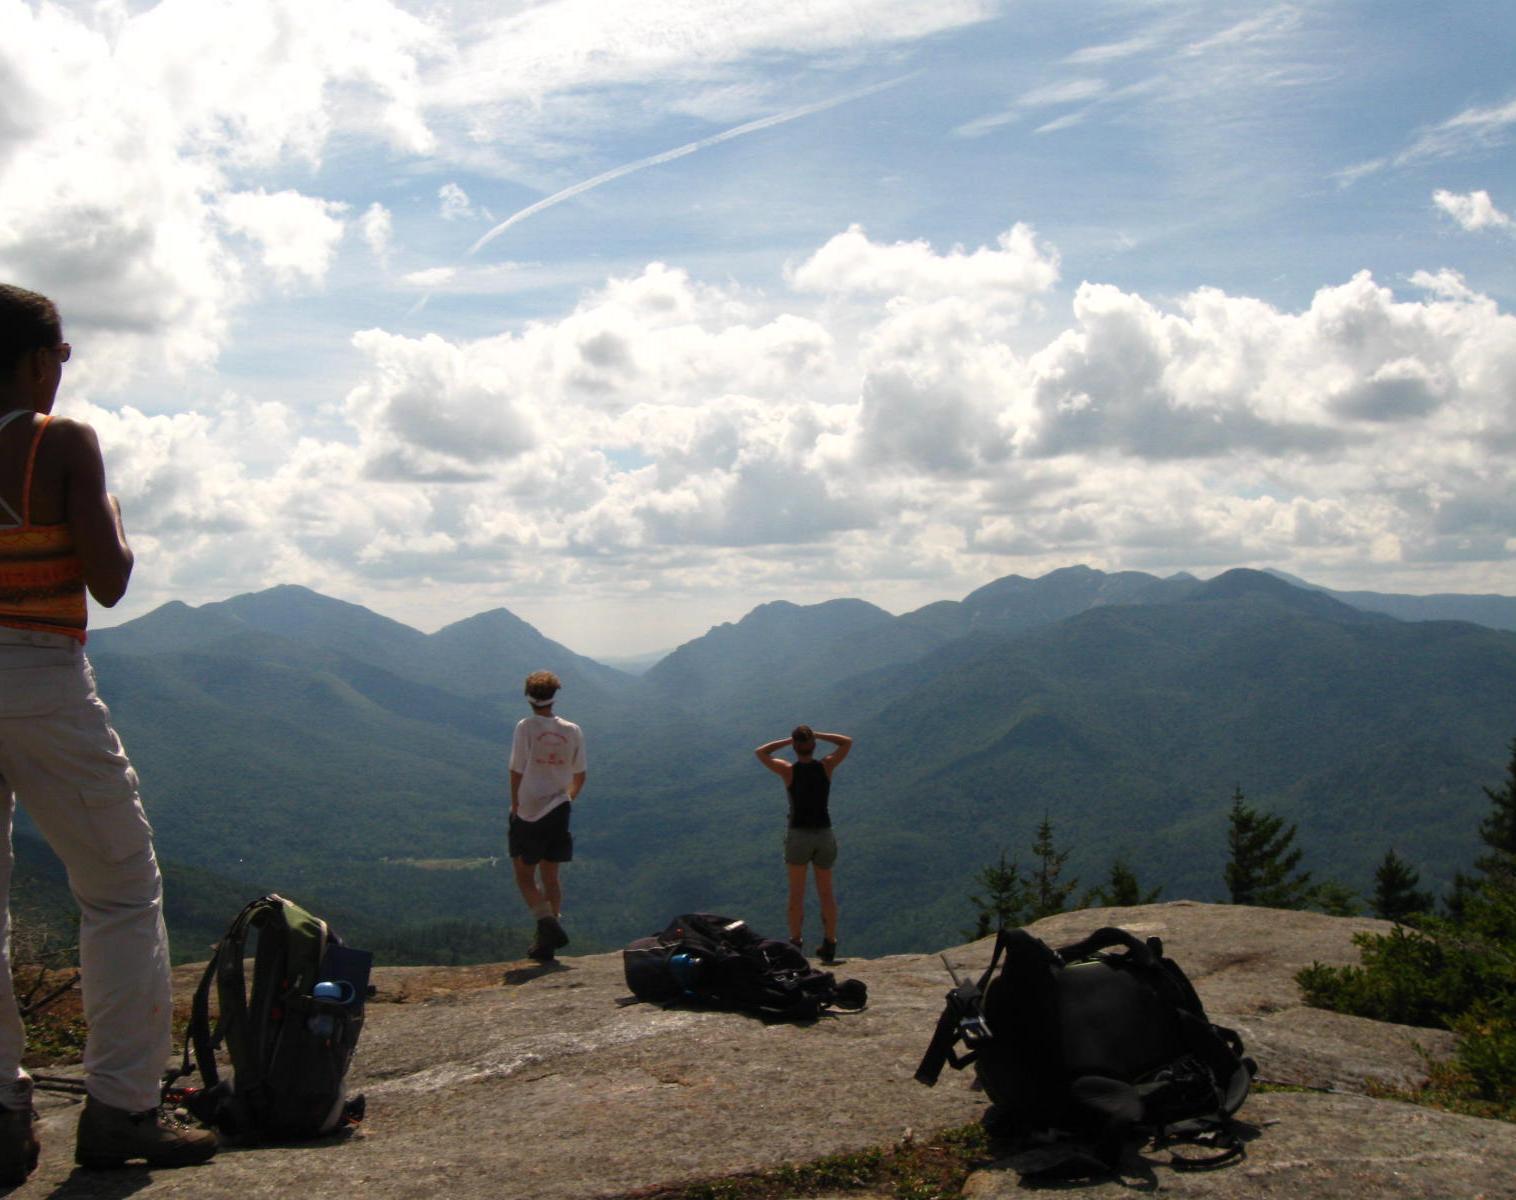 États-Unis  VOYAGE SCOLAIRE - Les Adirondacks   Découverte & Balade Trek & Randonnée Balade nature